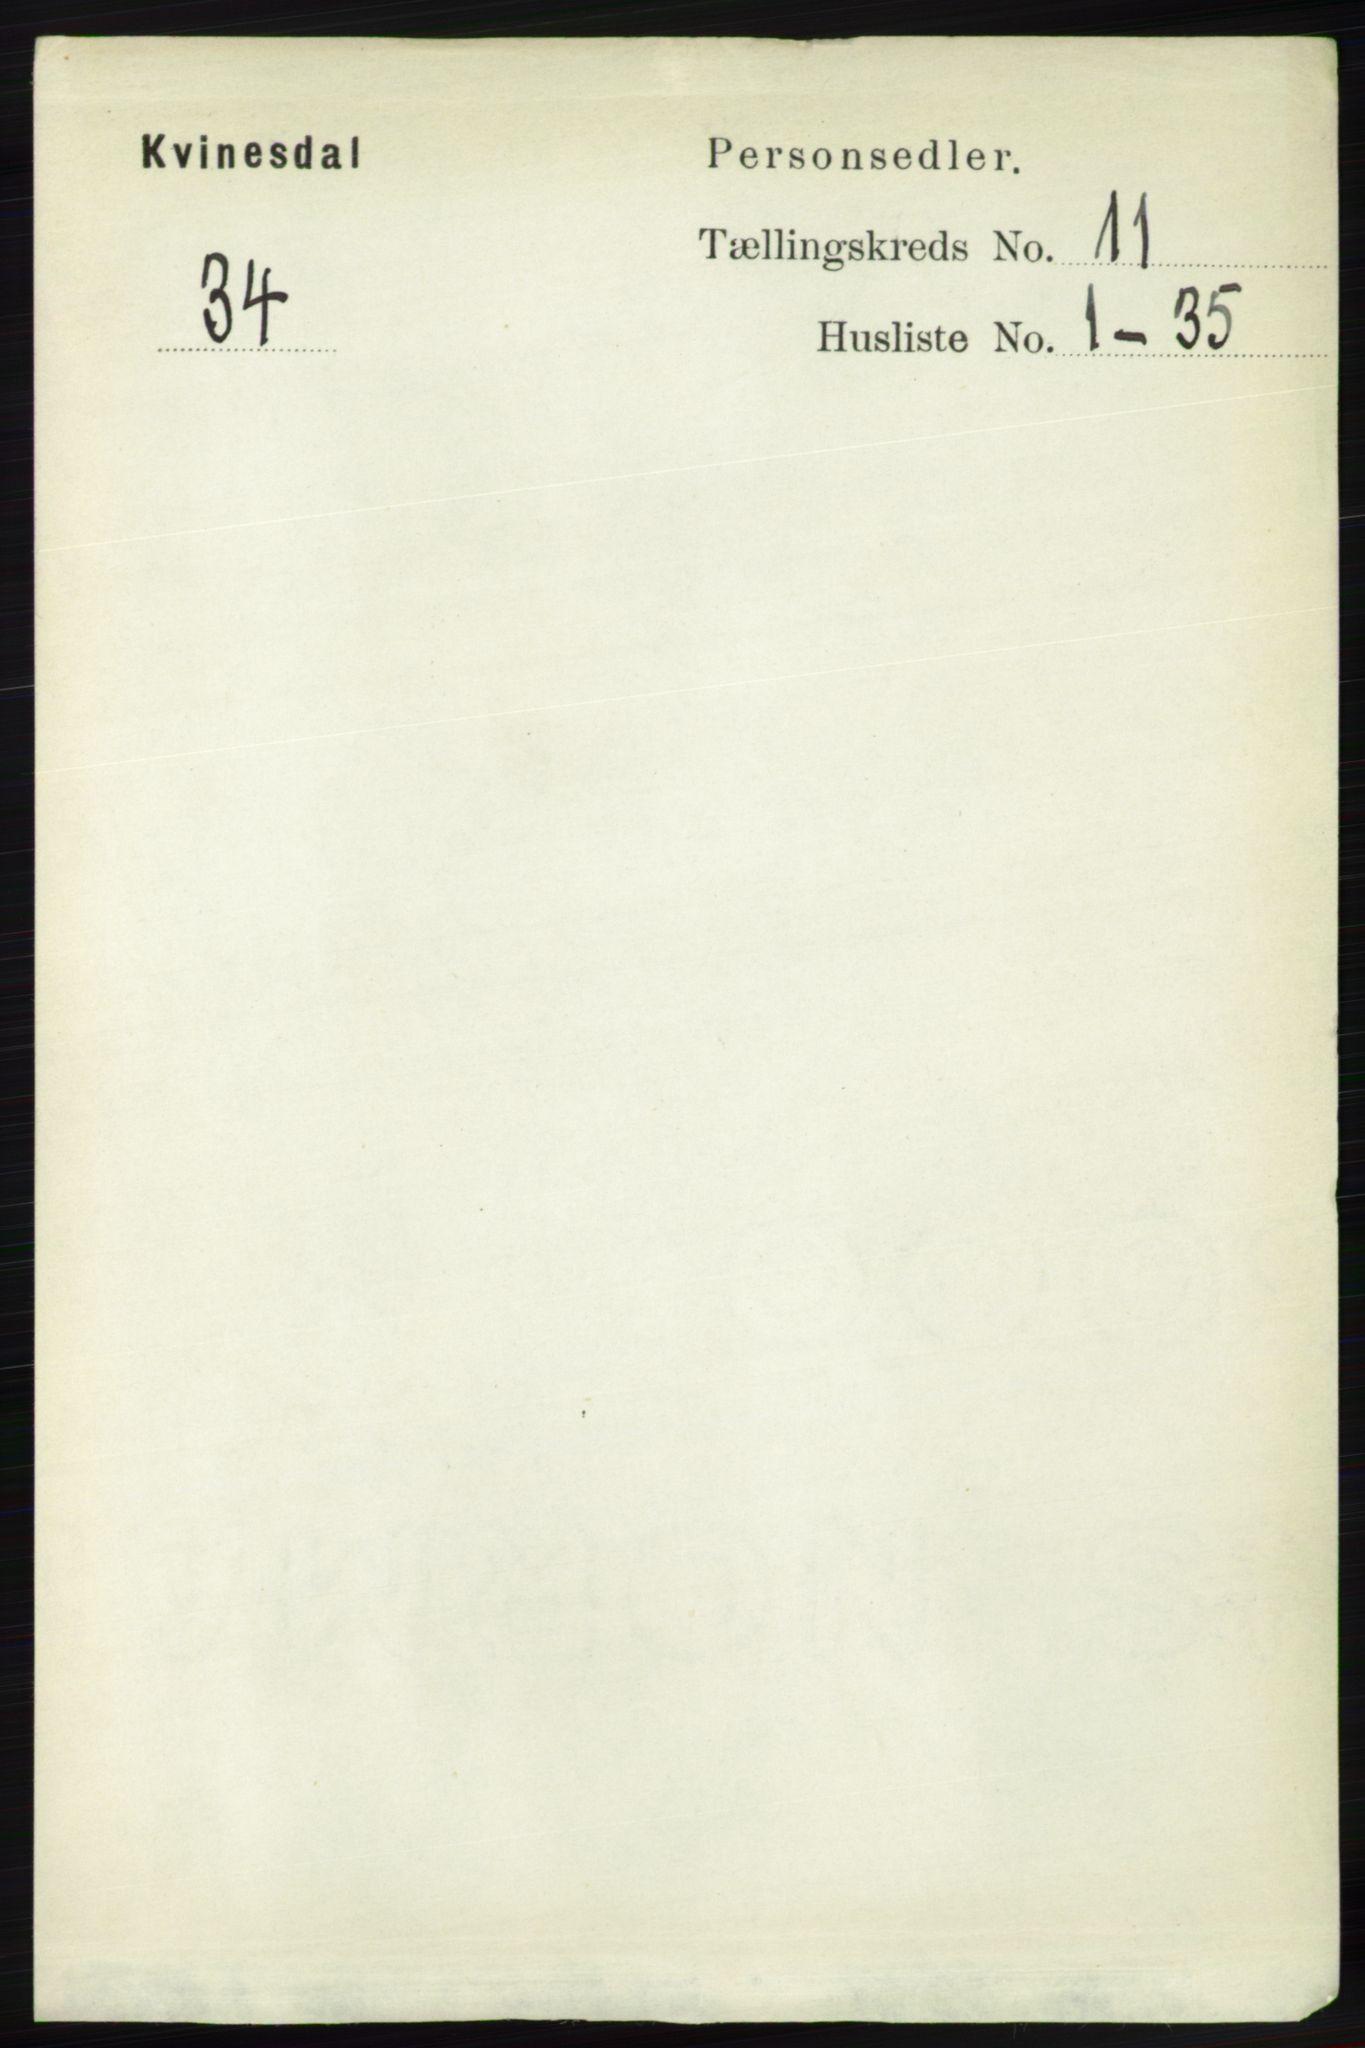 RA, Folketelling 1891 for 1037 Kvinesdal herred, 1891, s. 4504